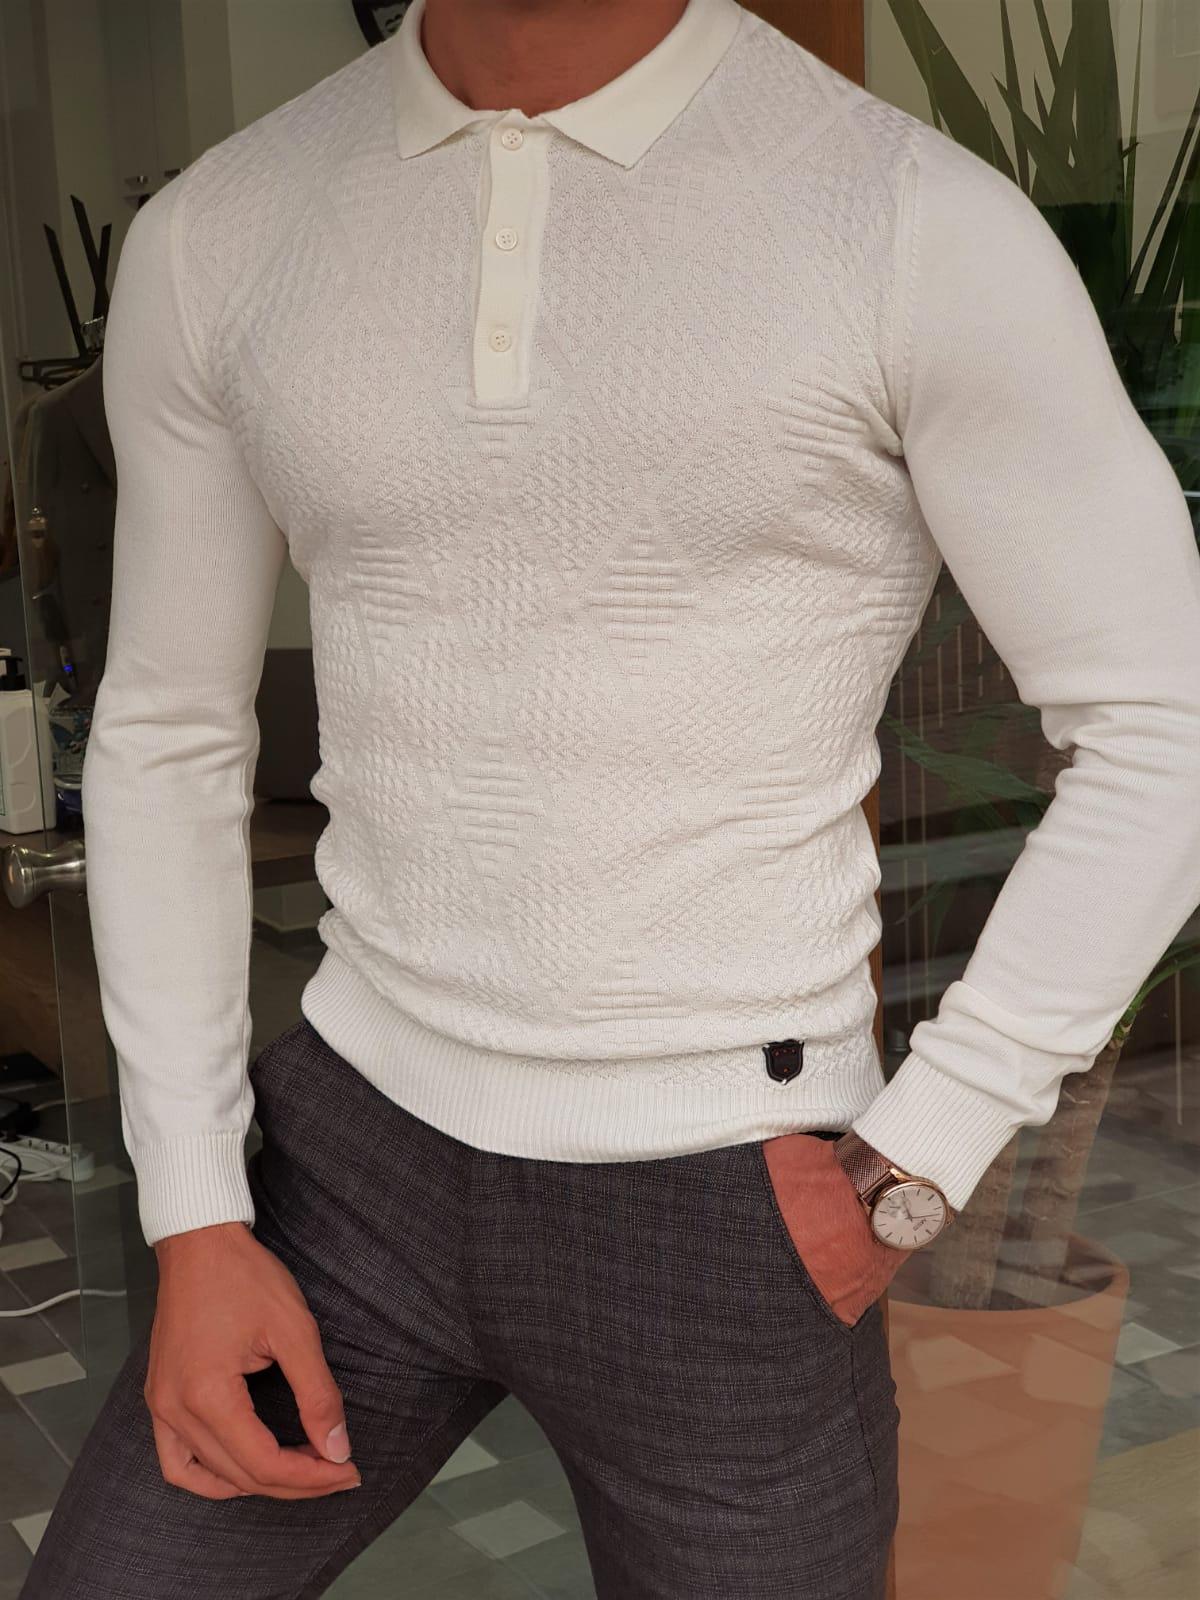 Aysoti Maglan White Slim Fit Collar Sweater